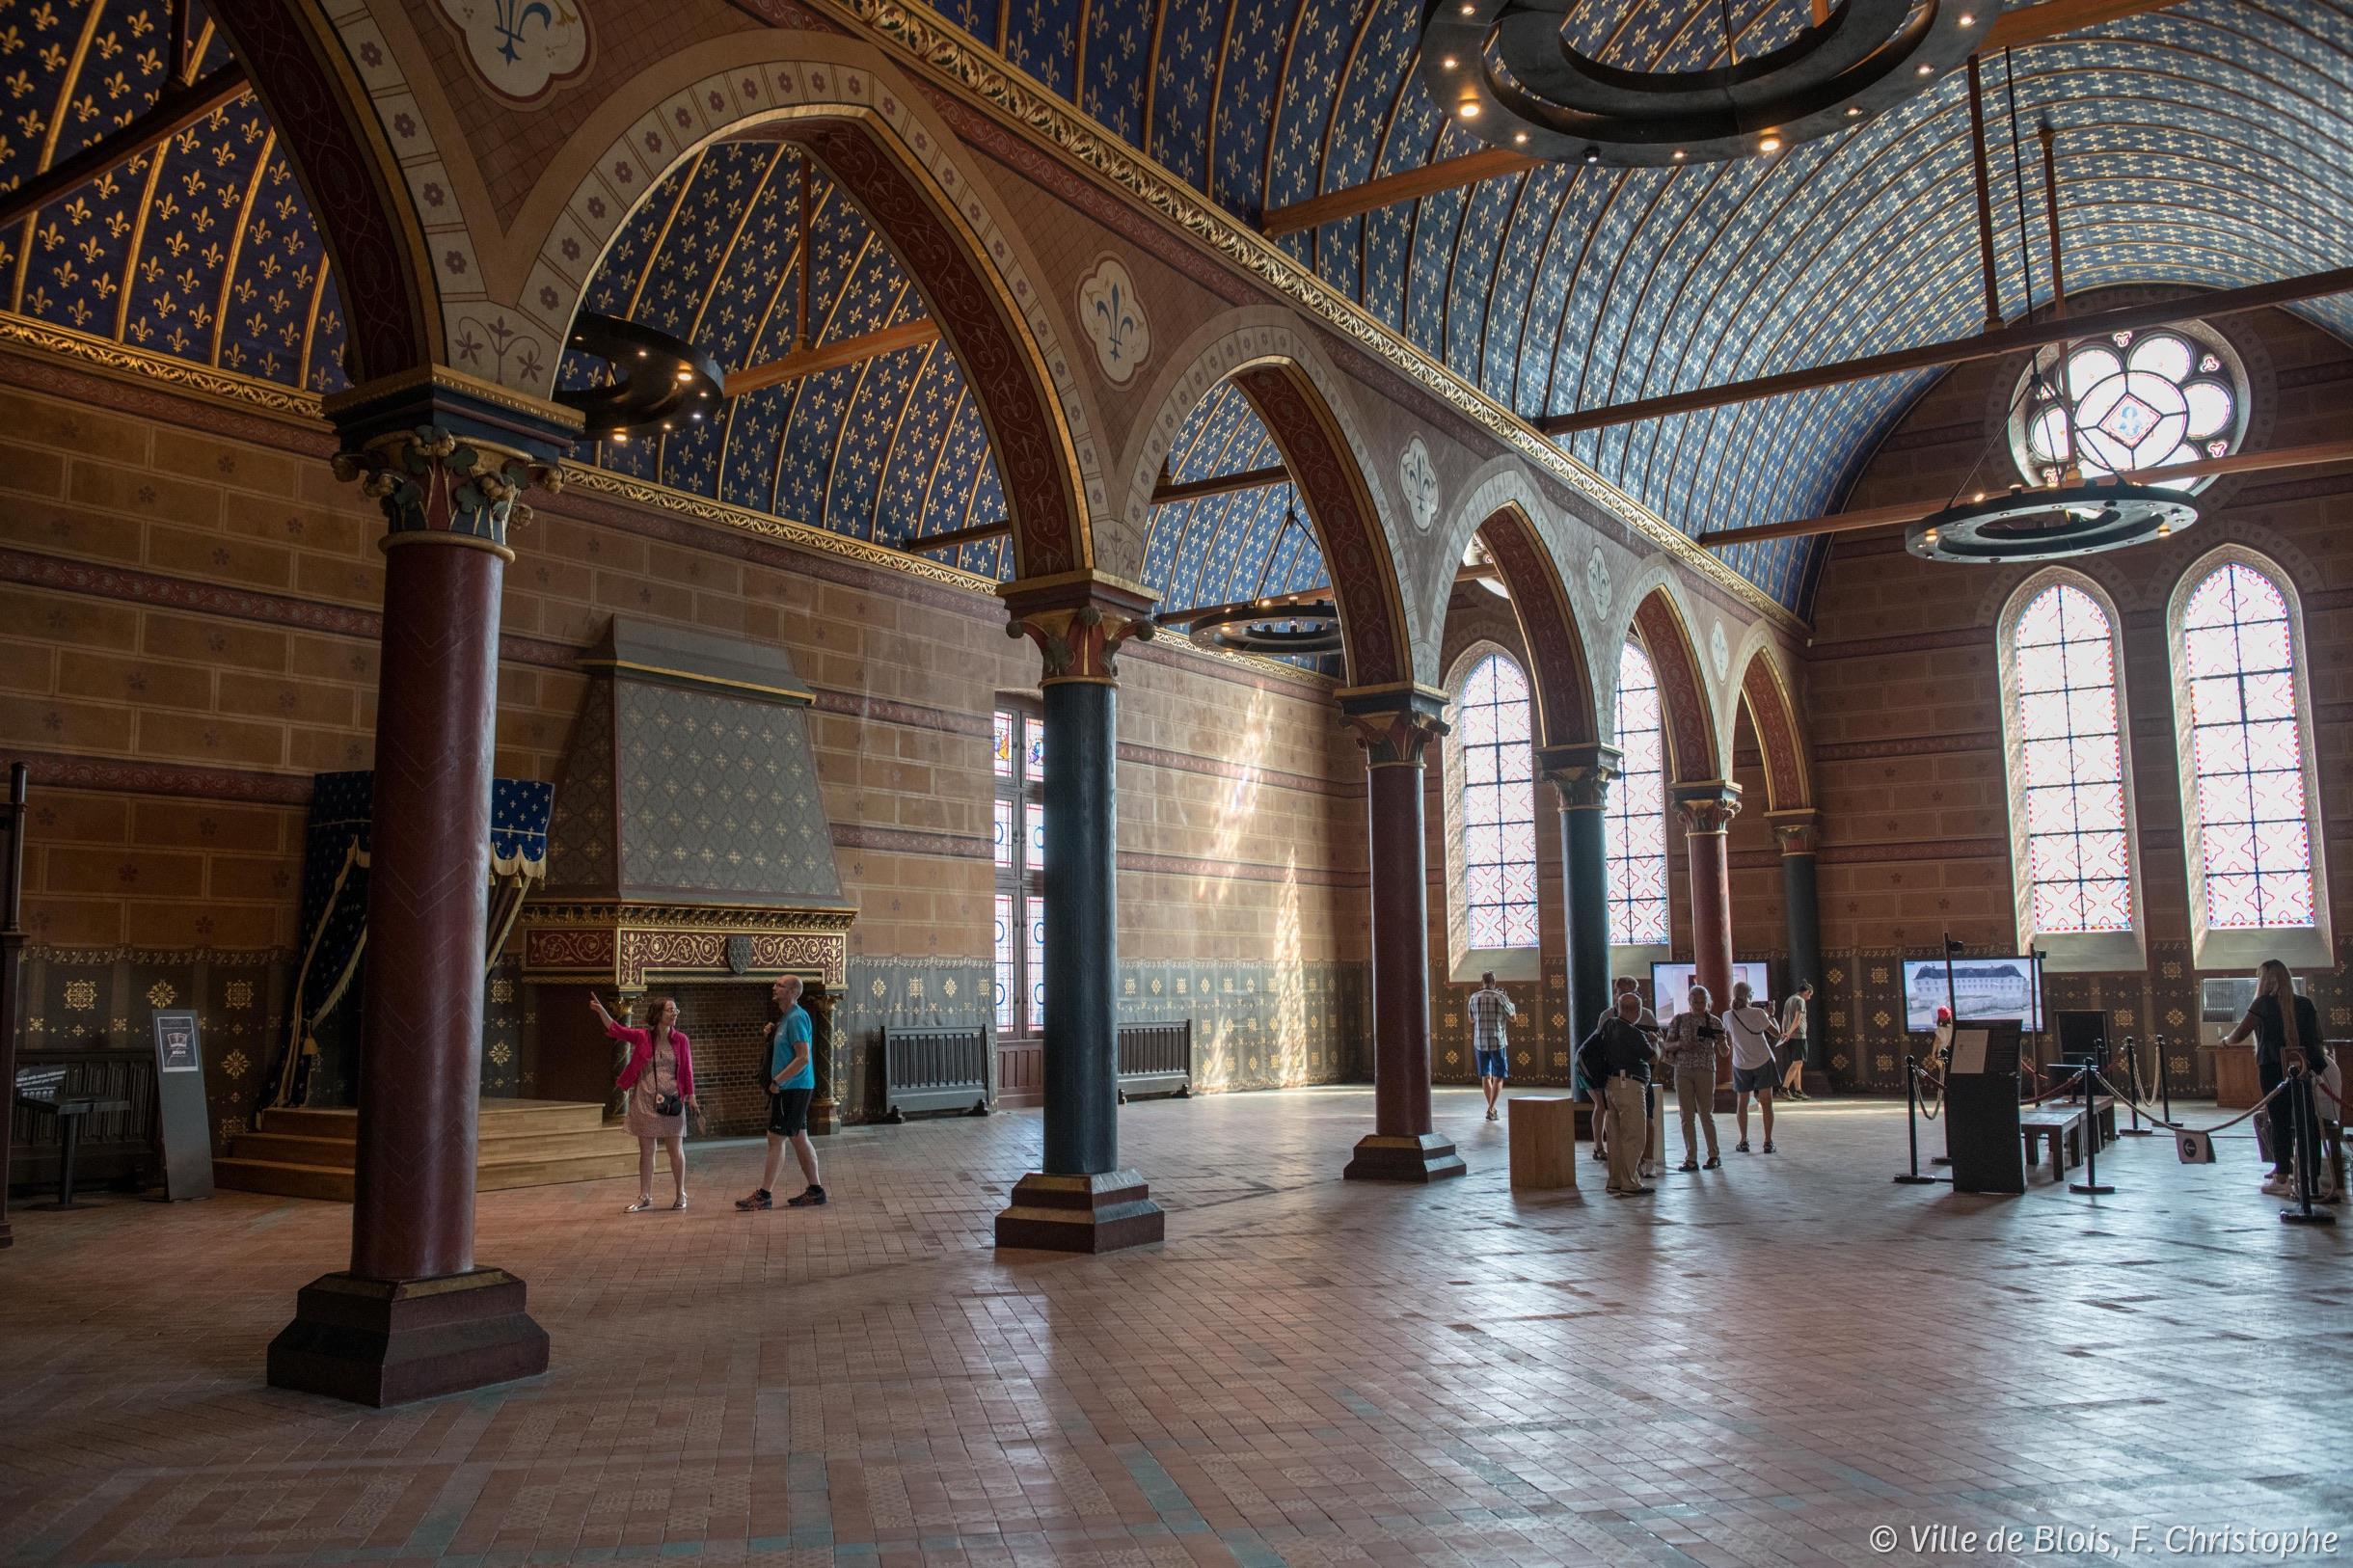 Les deux vaisseaux de la monumentale salle des états généraux, soutenus en leur milieu par sept colonnes.